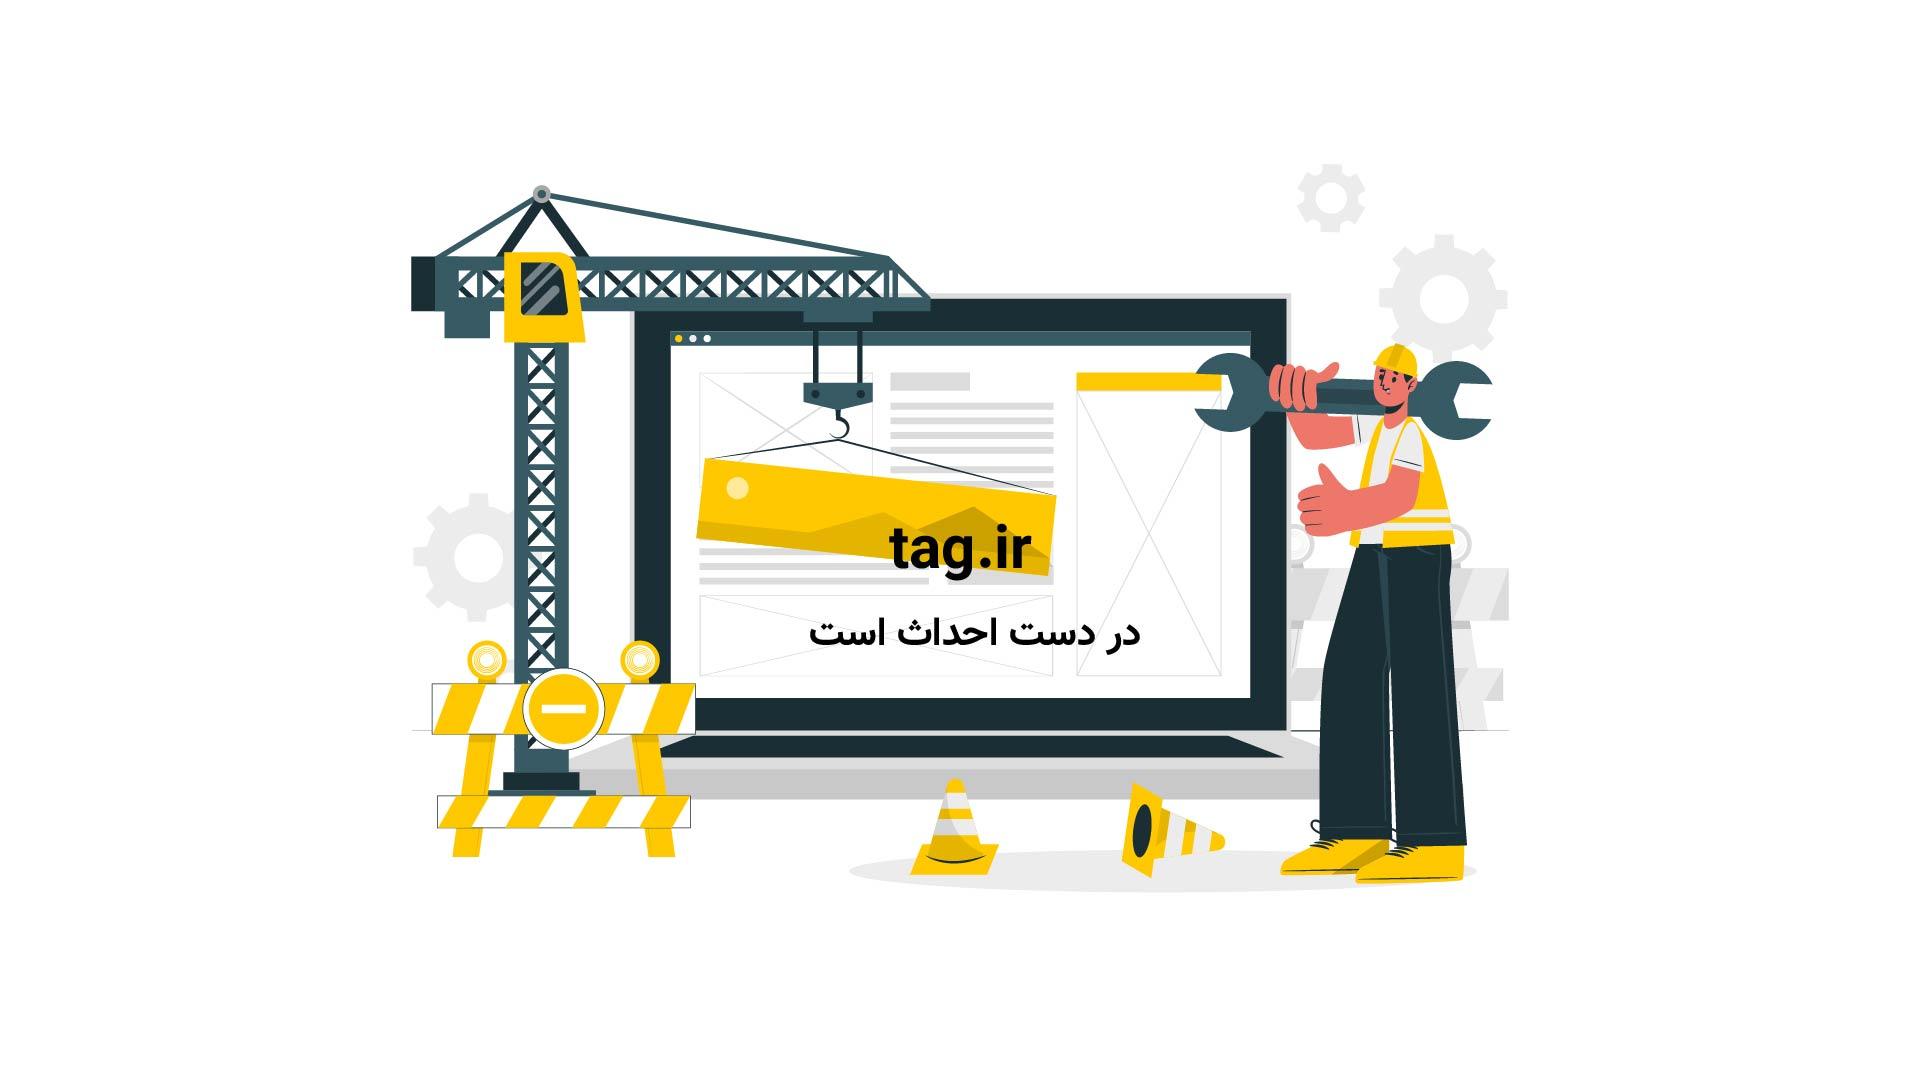 فیلم گزارش در مورد تغییر کلمات انگلیسی با فارسی کتاب های درسی یک ماه مانده به آغاز سال تحصیلی